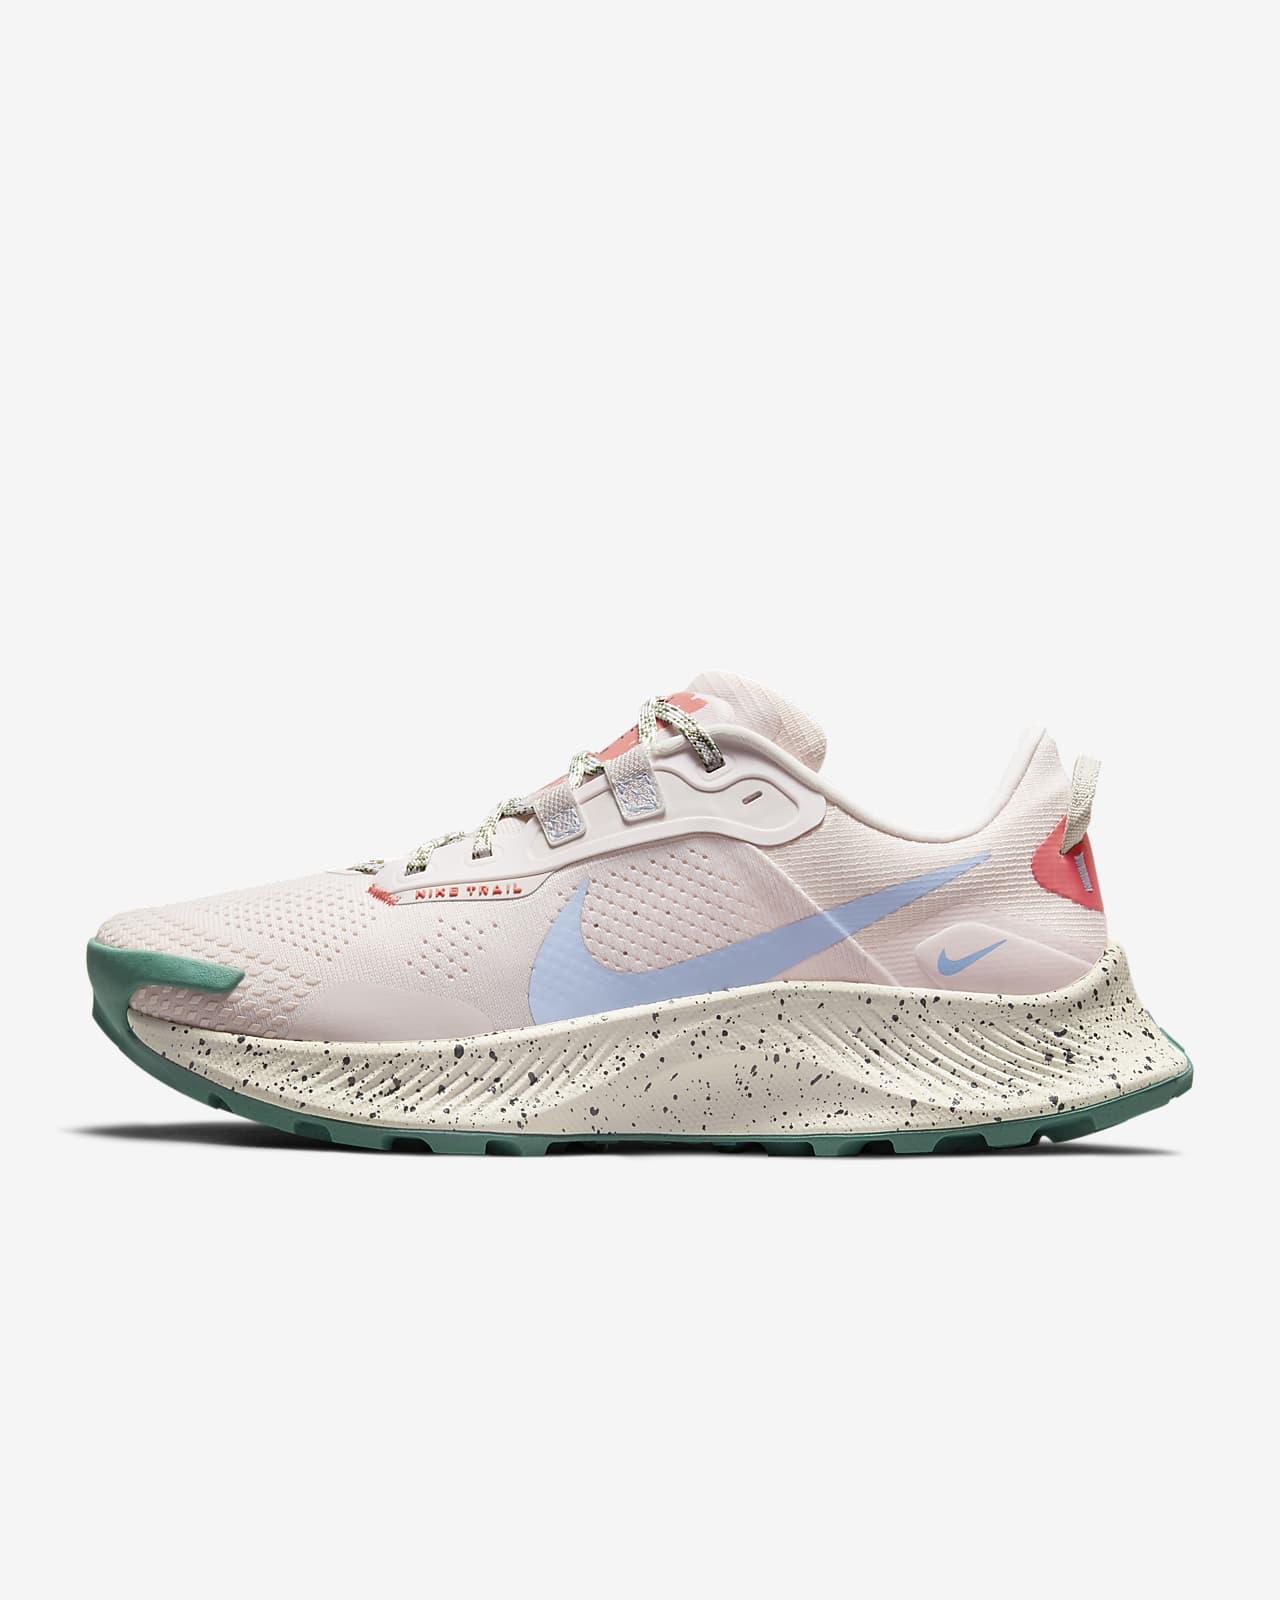 Γυναικεία παπούτσια για τρέξιμο σε ανώμαλο δρόμο Nike Pegasus Trail 3